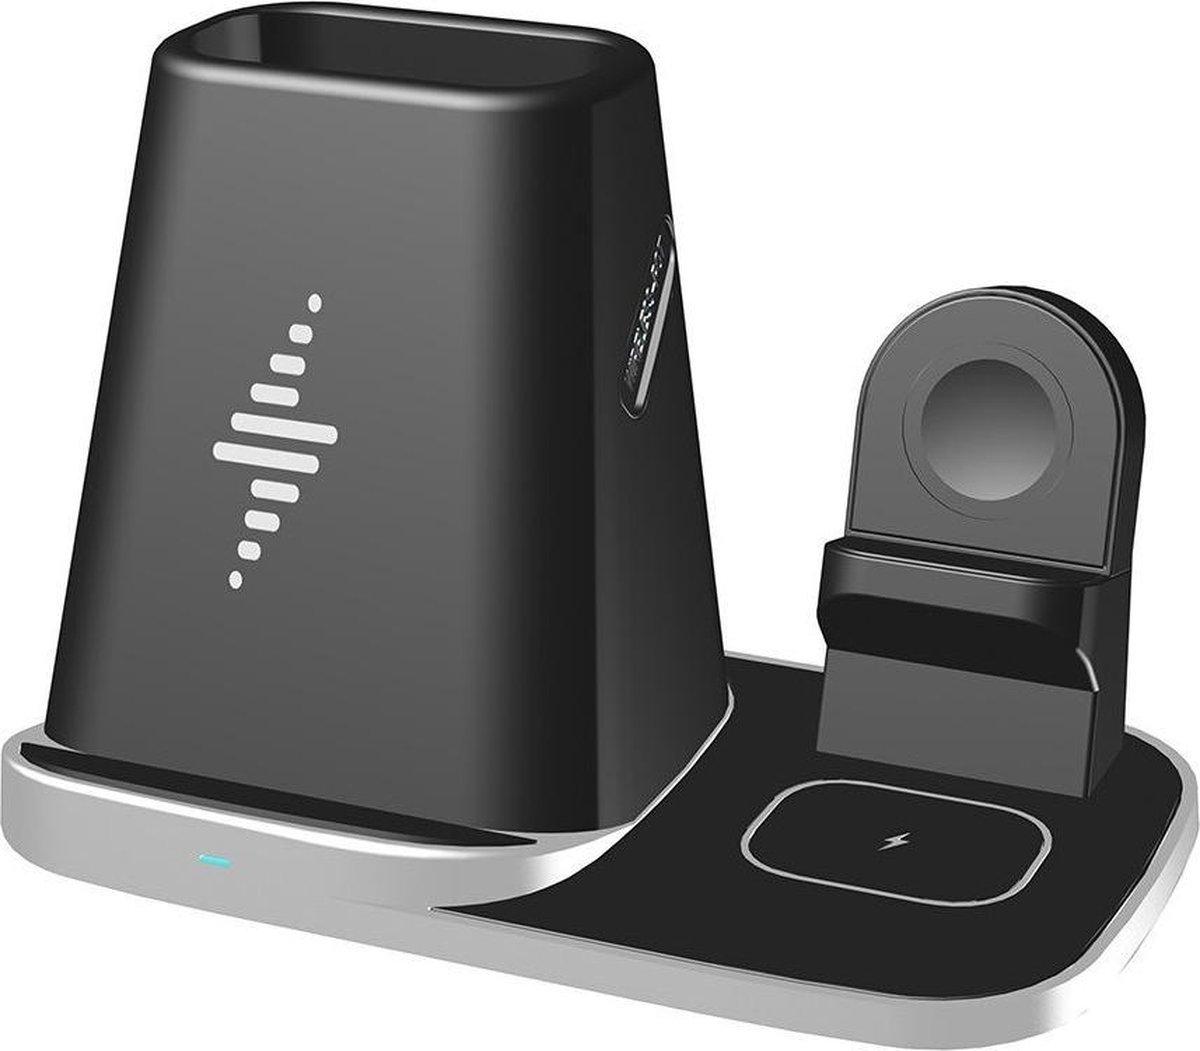 DrPhone LEVEL2 - Draadloze Oplader - 4 in 1 - Docking Station - Oplaadstation - Voor Airpods/ Apple Watch / Apple Penhouder/ iPhone - Zwart